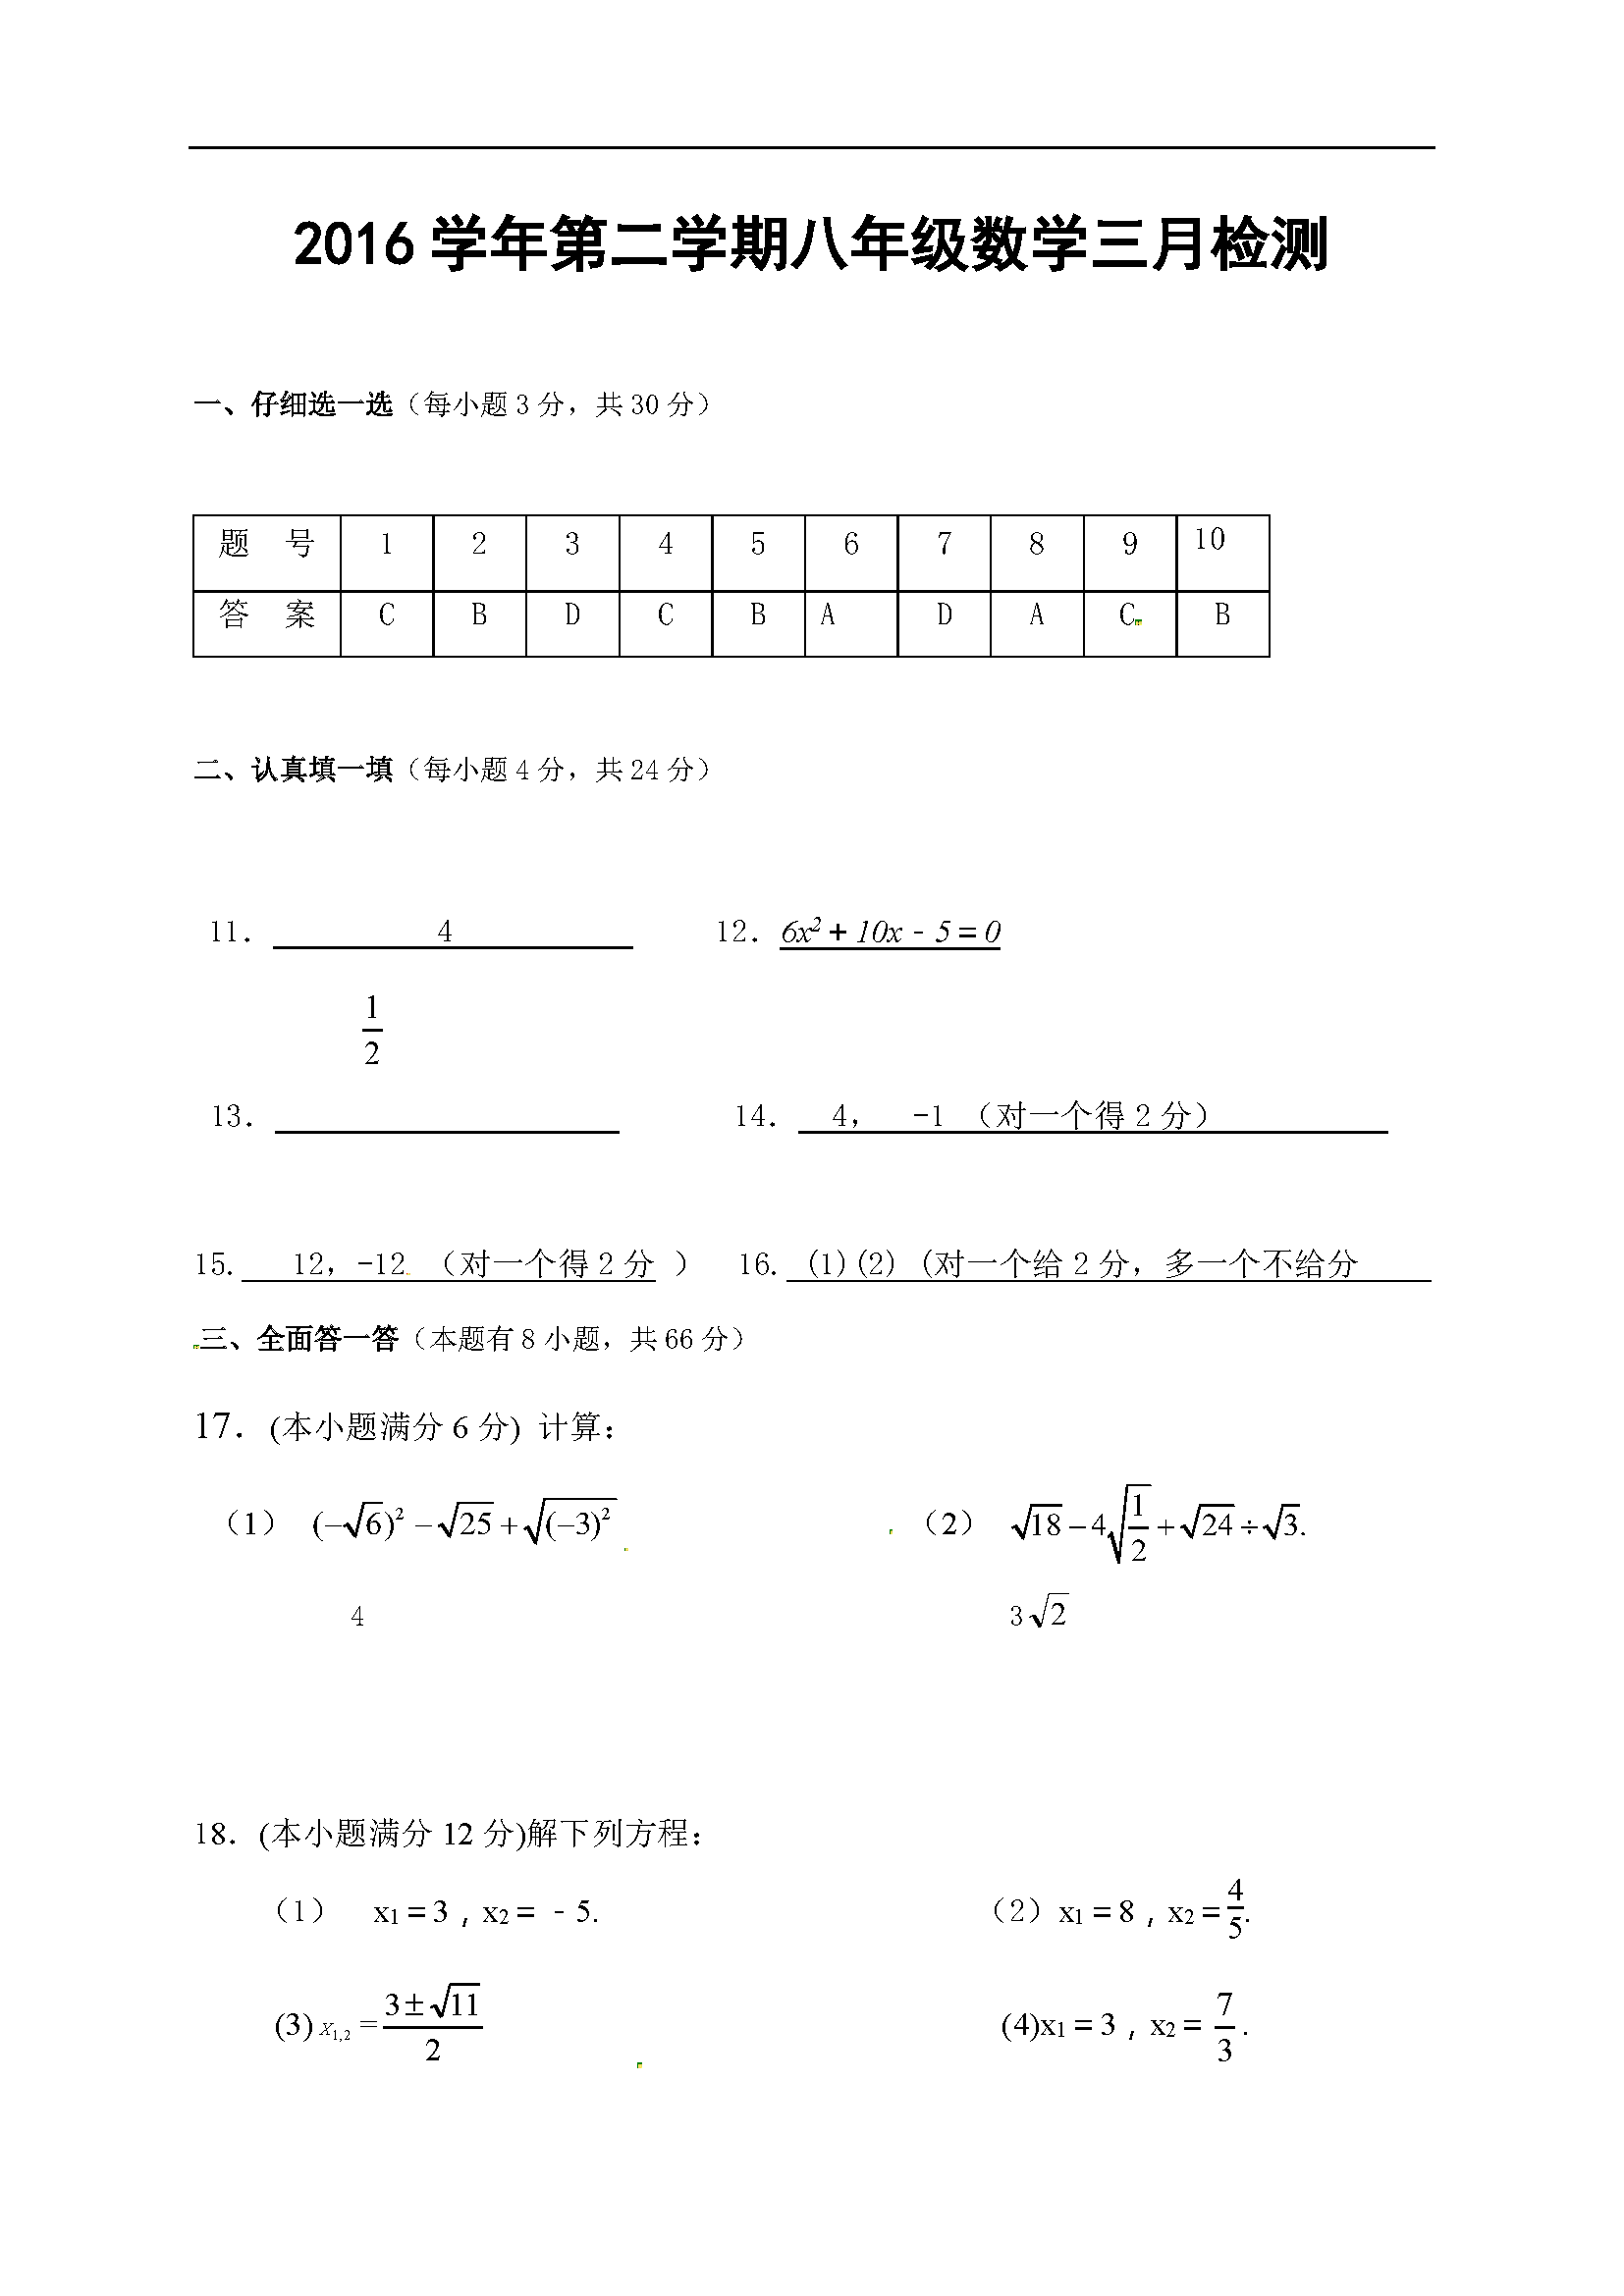 2017浙江杭州春蕾中学八年级3月月考数学试题答案(Word版)